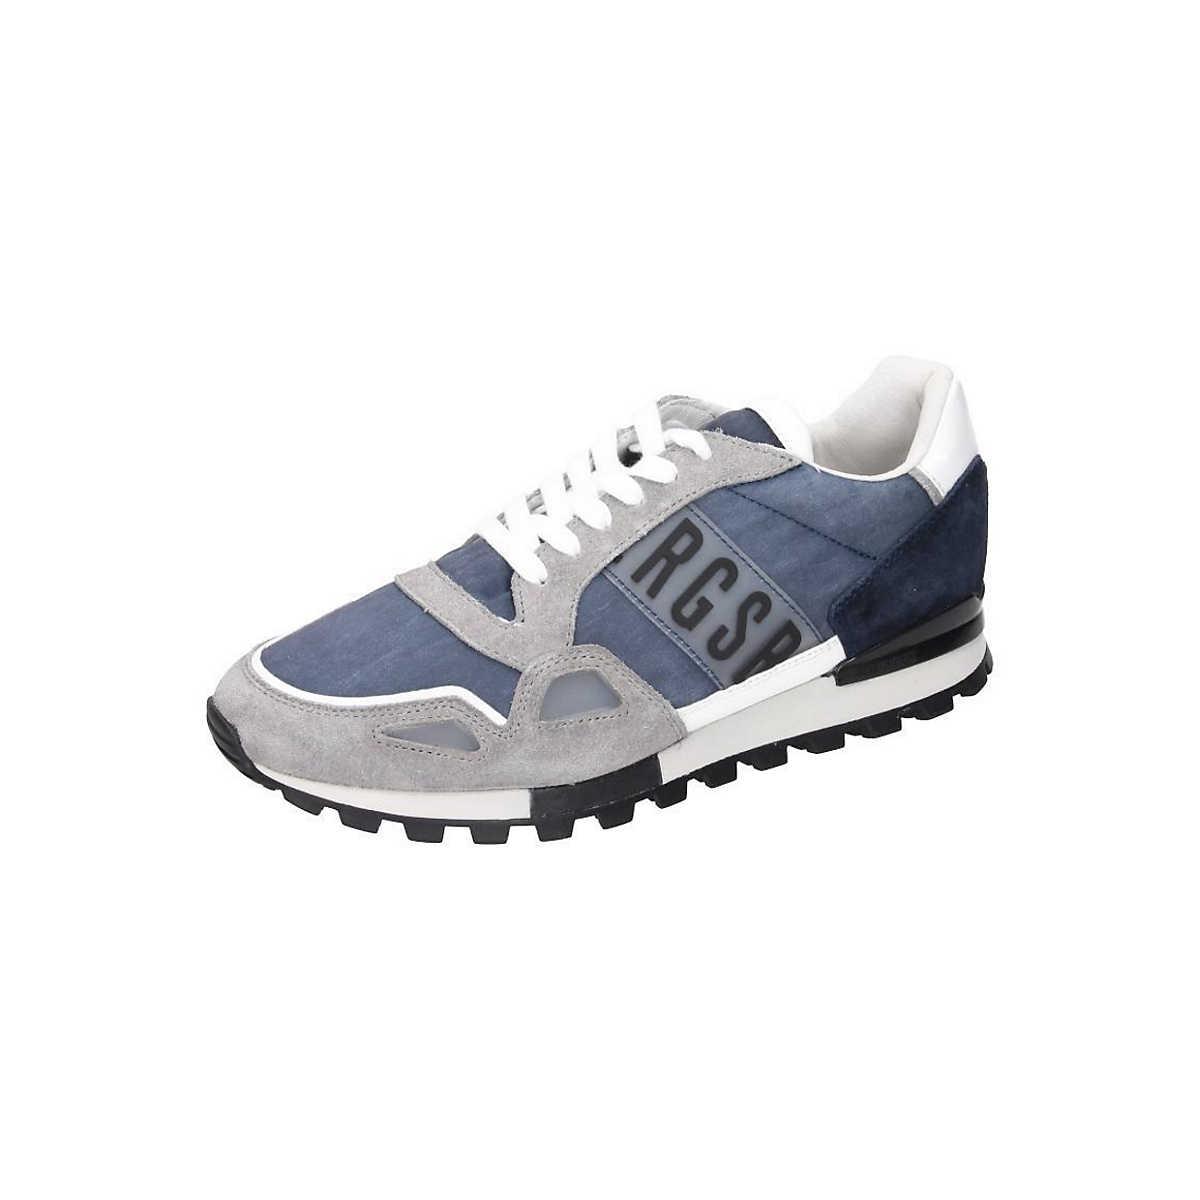 Bikkembergs Sneakers blau-kombi - Bikkembergs - Sneakers - Schuhe - mirapodo.de